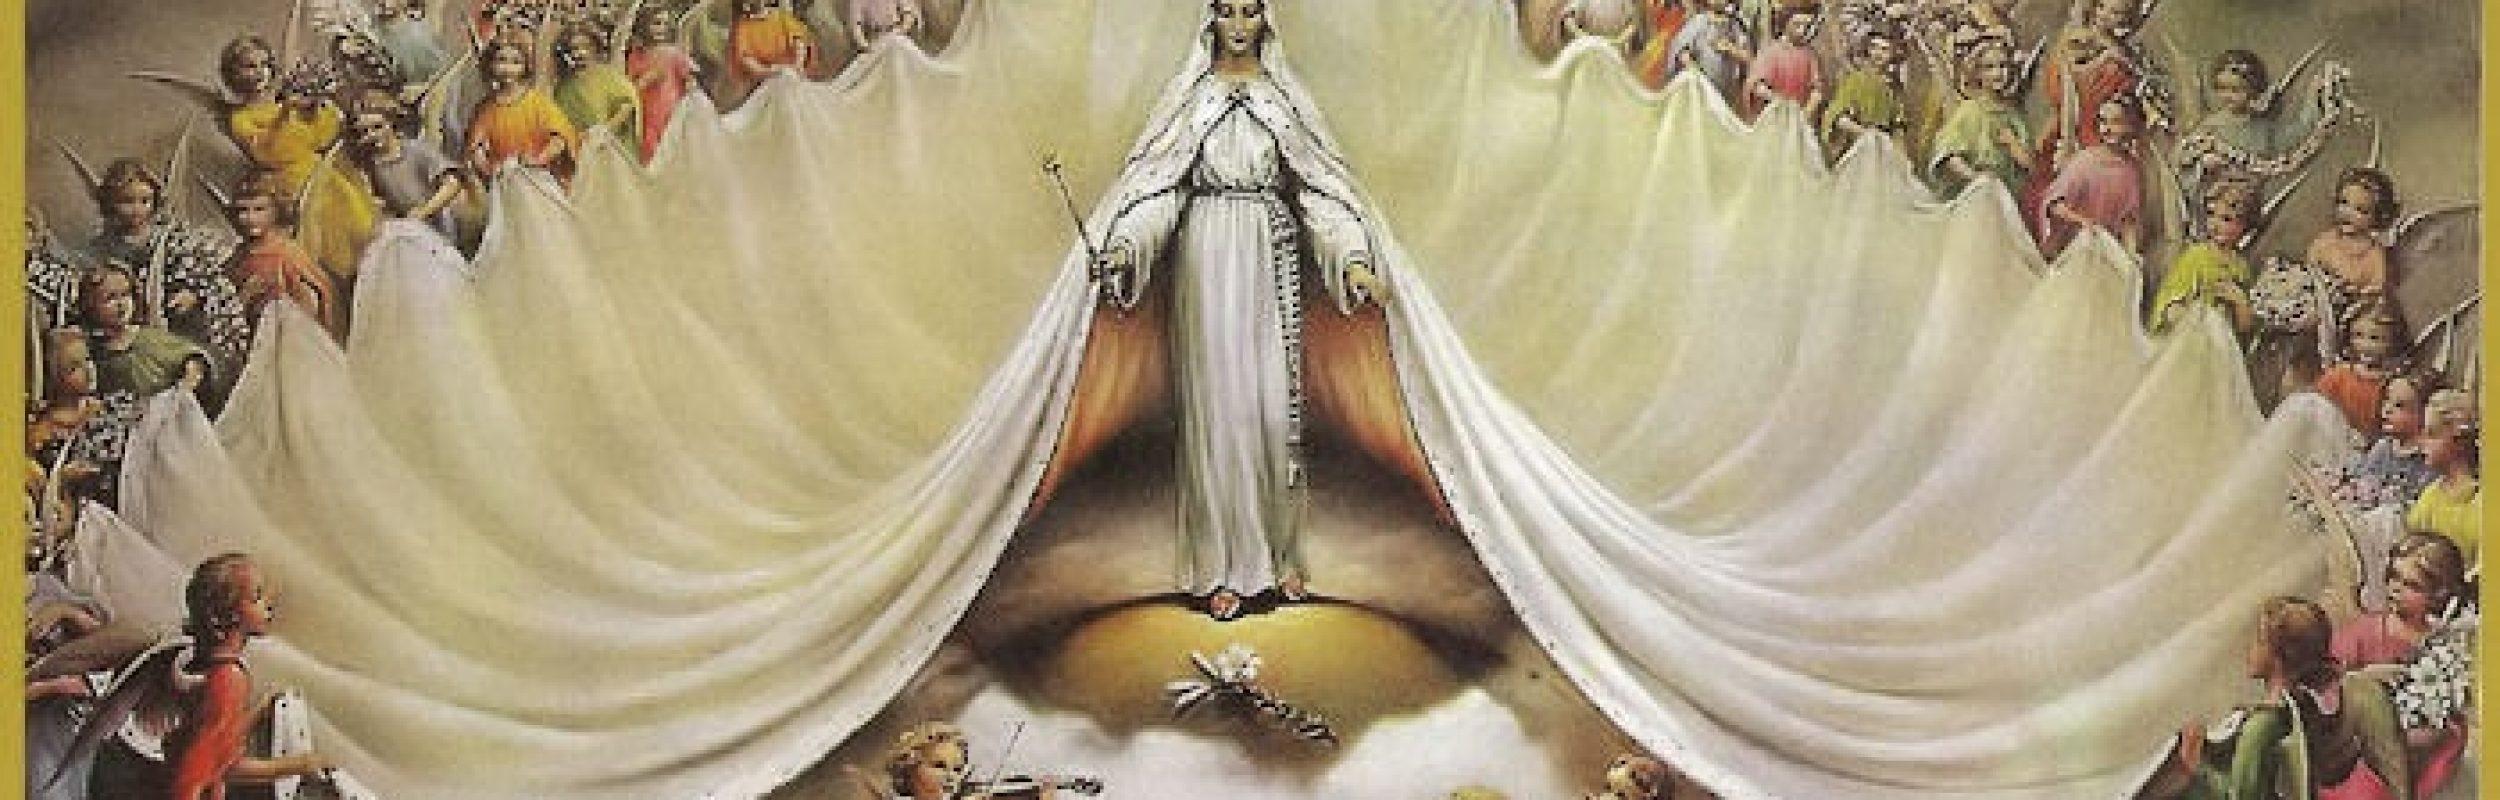 Explicando el engaño de la Reina del Cielo